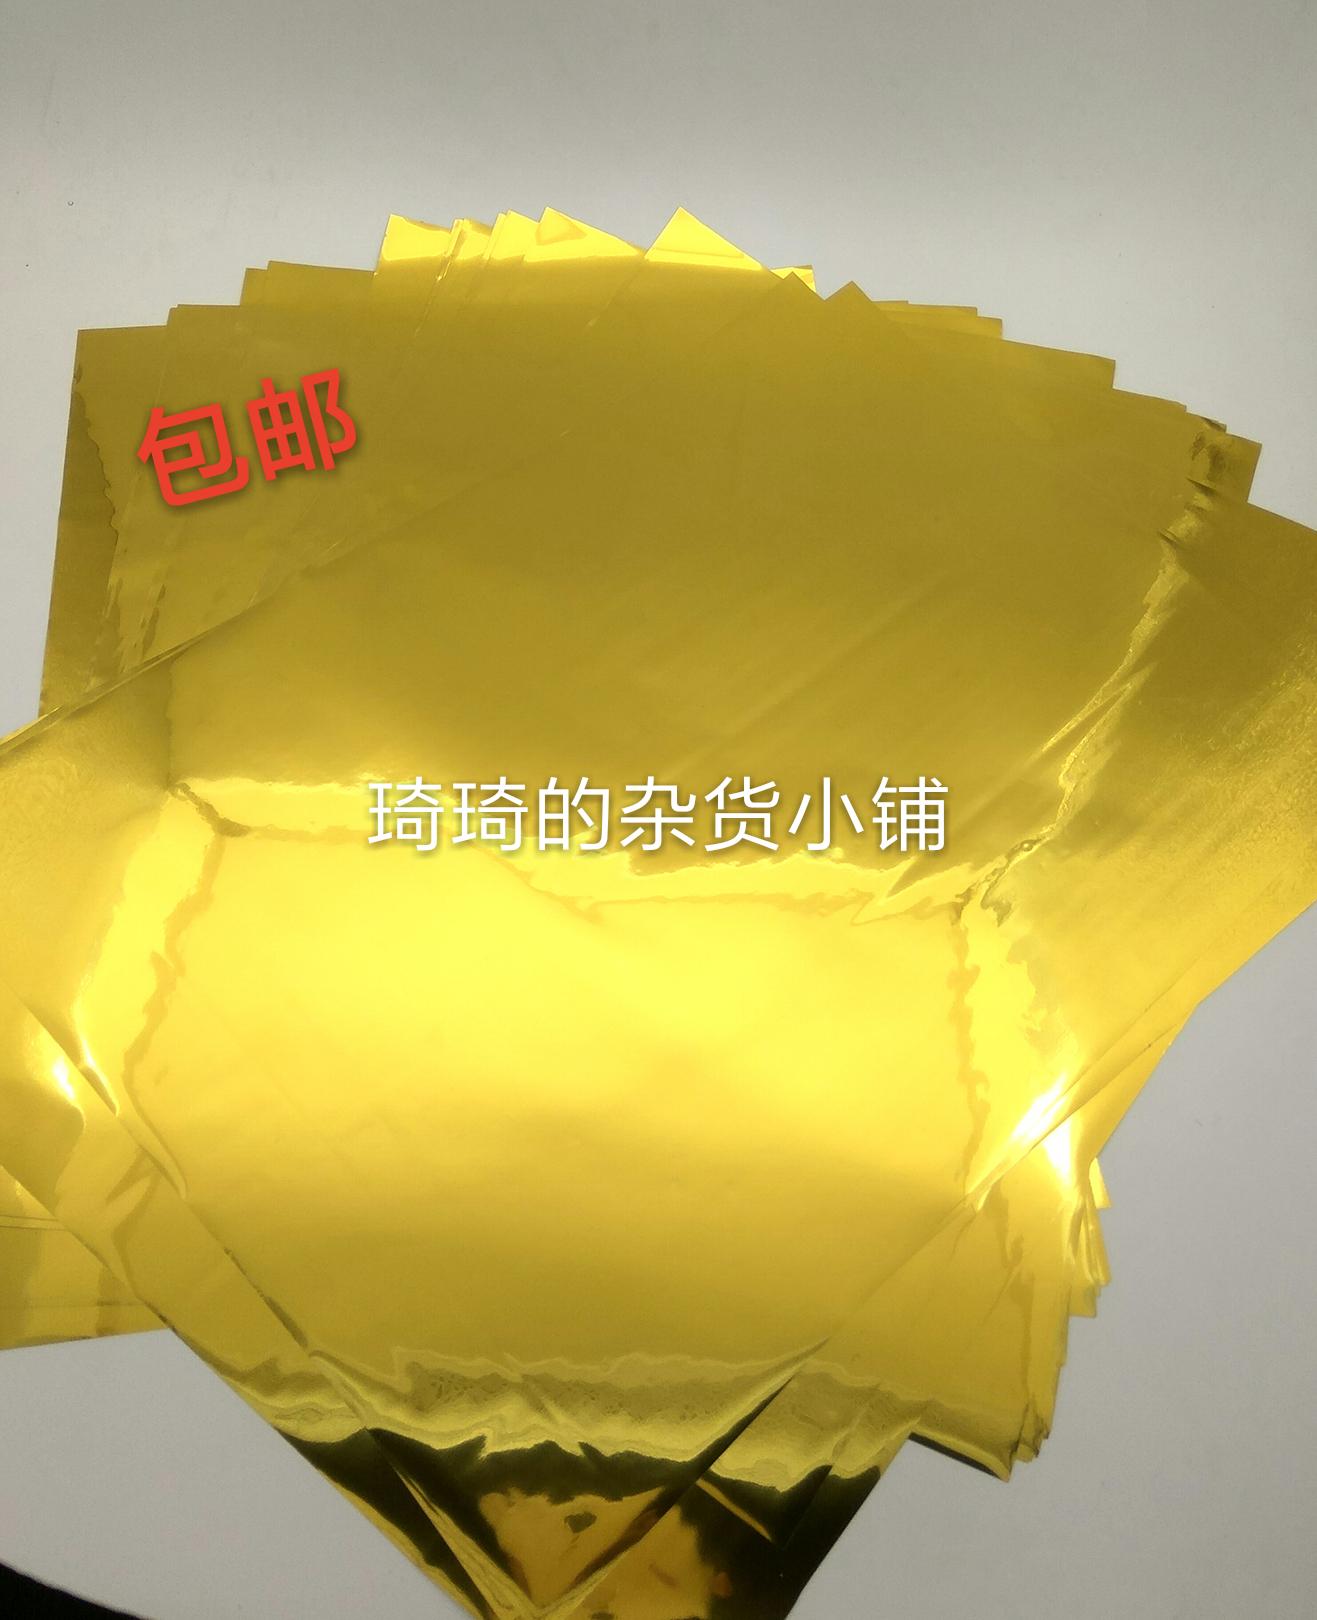 Фольга Высокое качество новый продукт золотой фольги бумаги А4 ламинатор Размер(разноцветные)обучения пакет будет 100 листов/уп